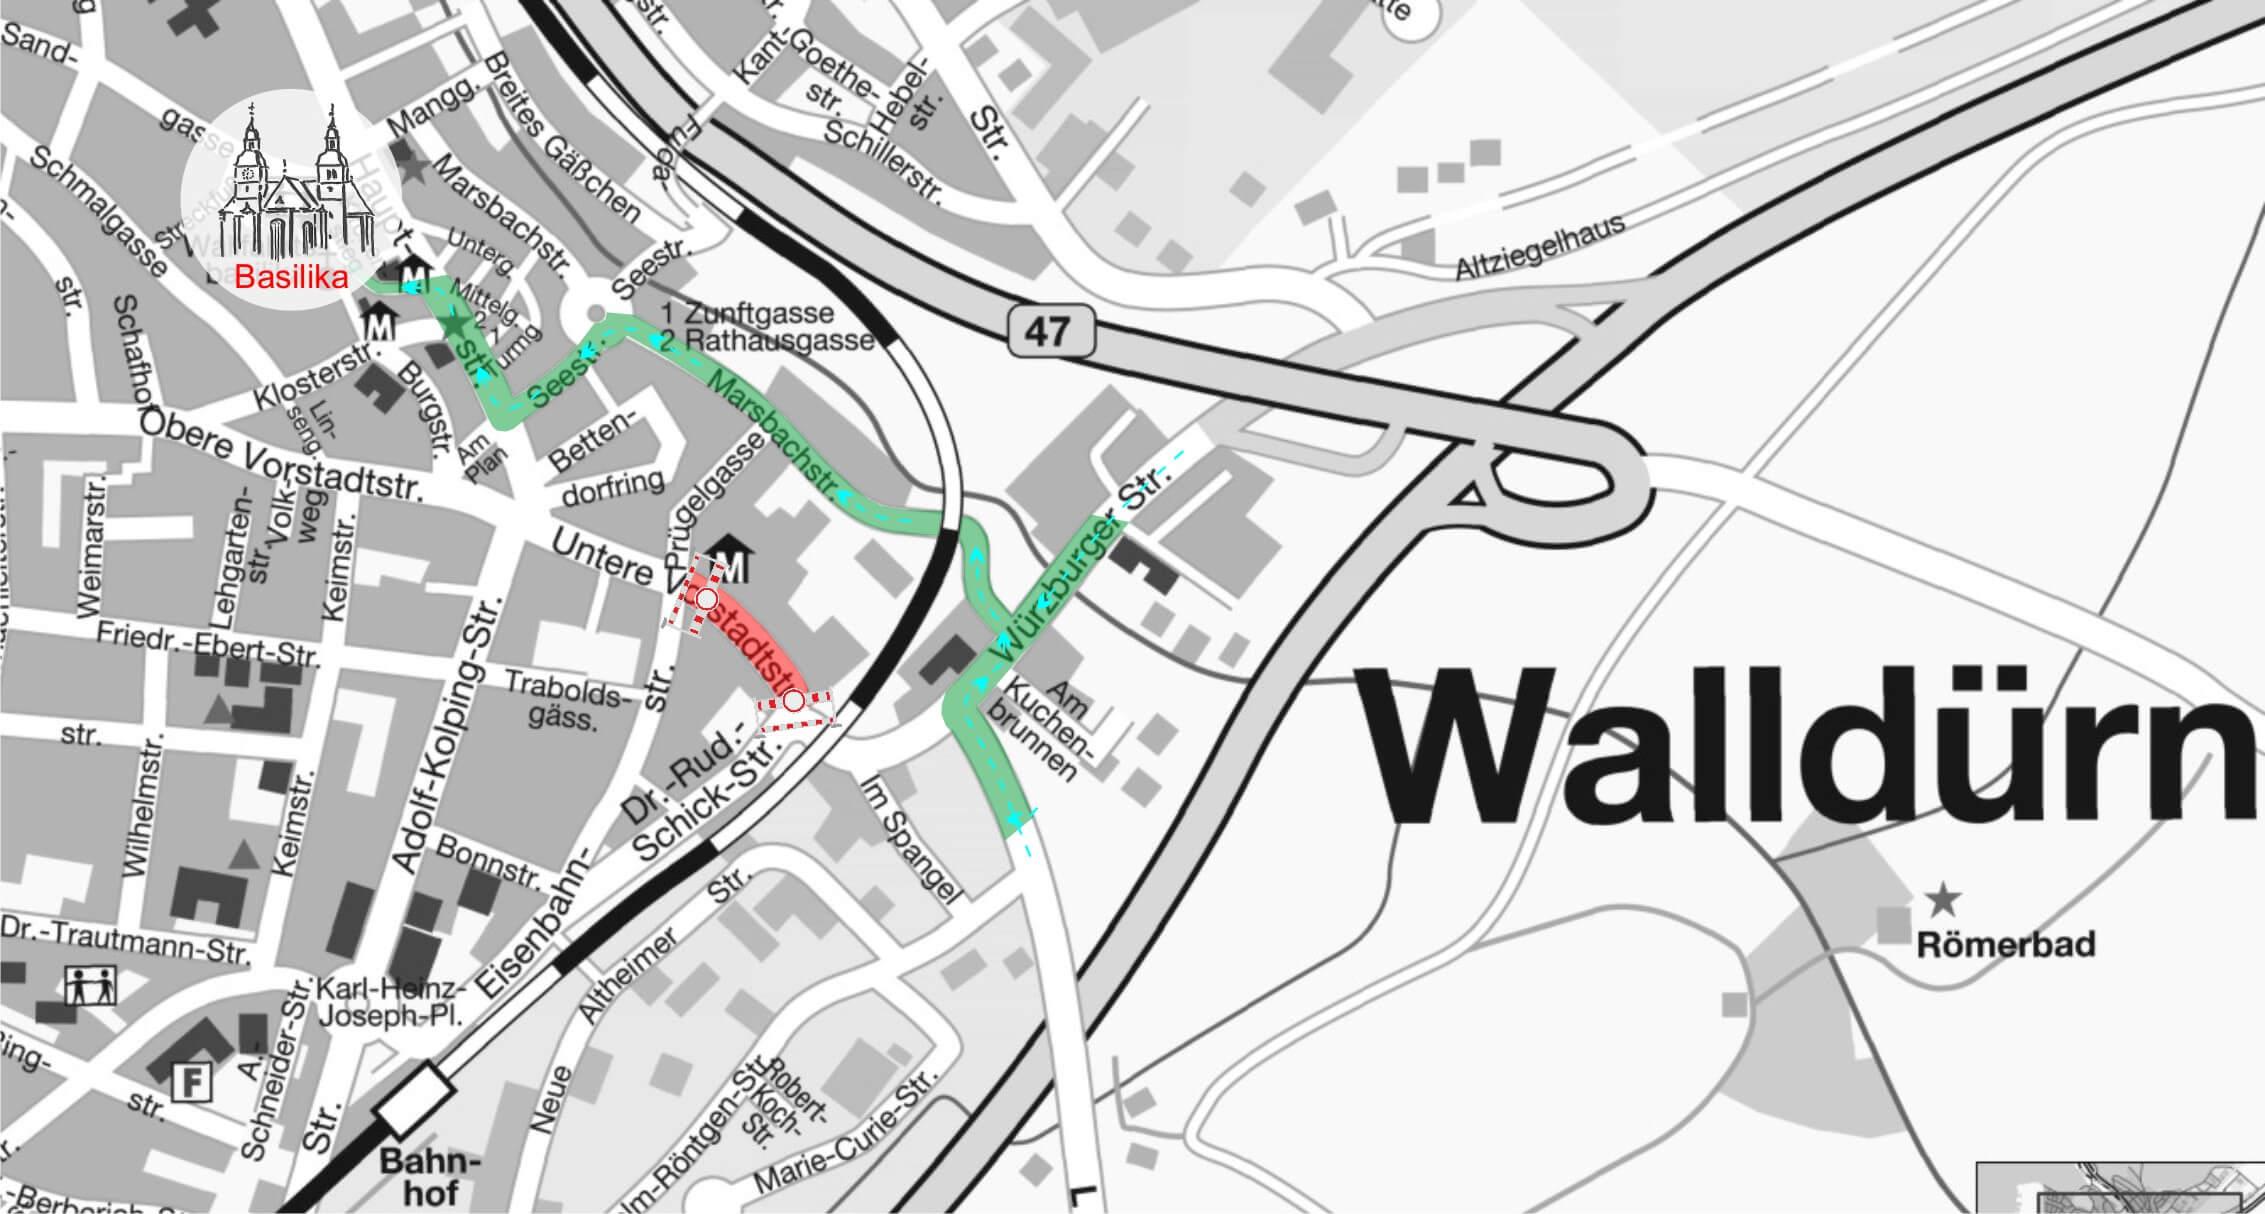 Stadtplan mit Umleitungsempfehlung durch die Marsbachstraße